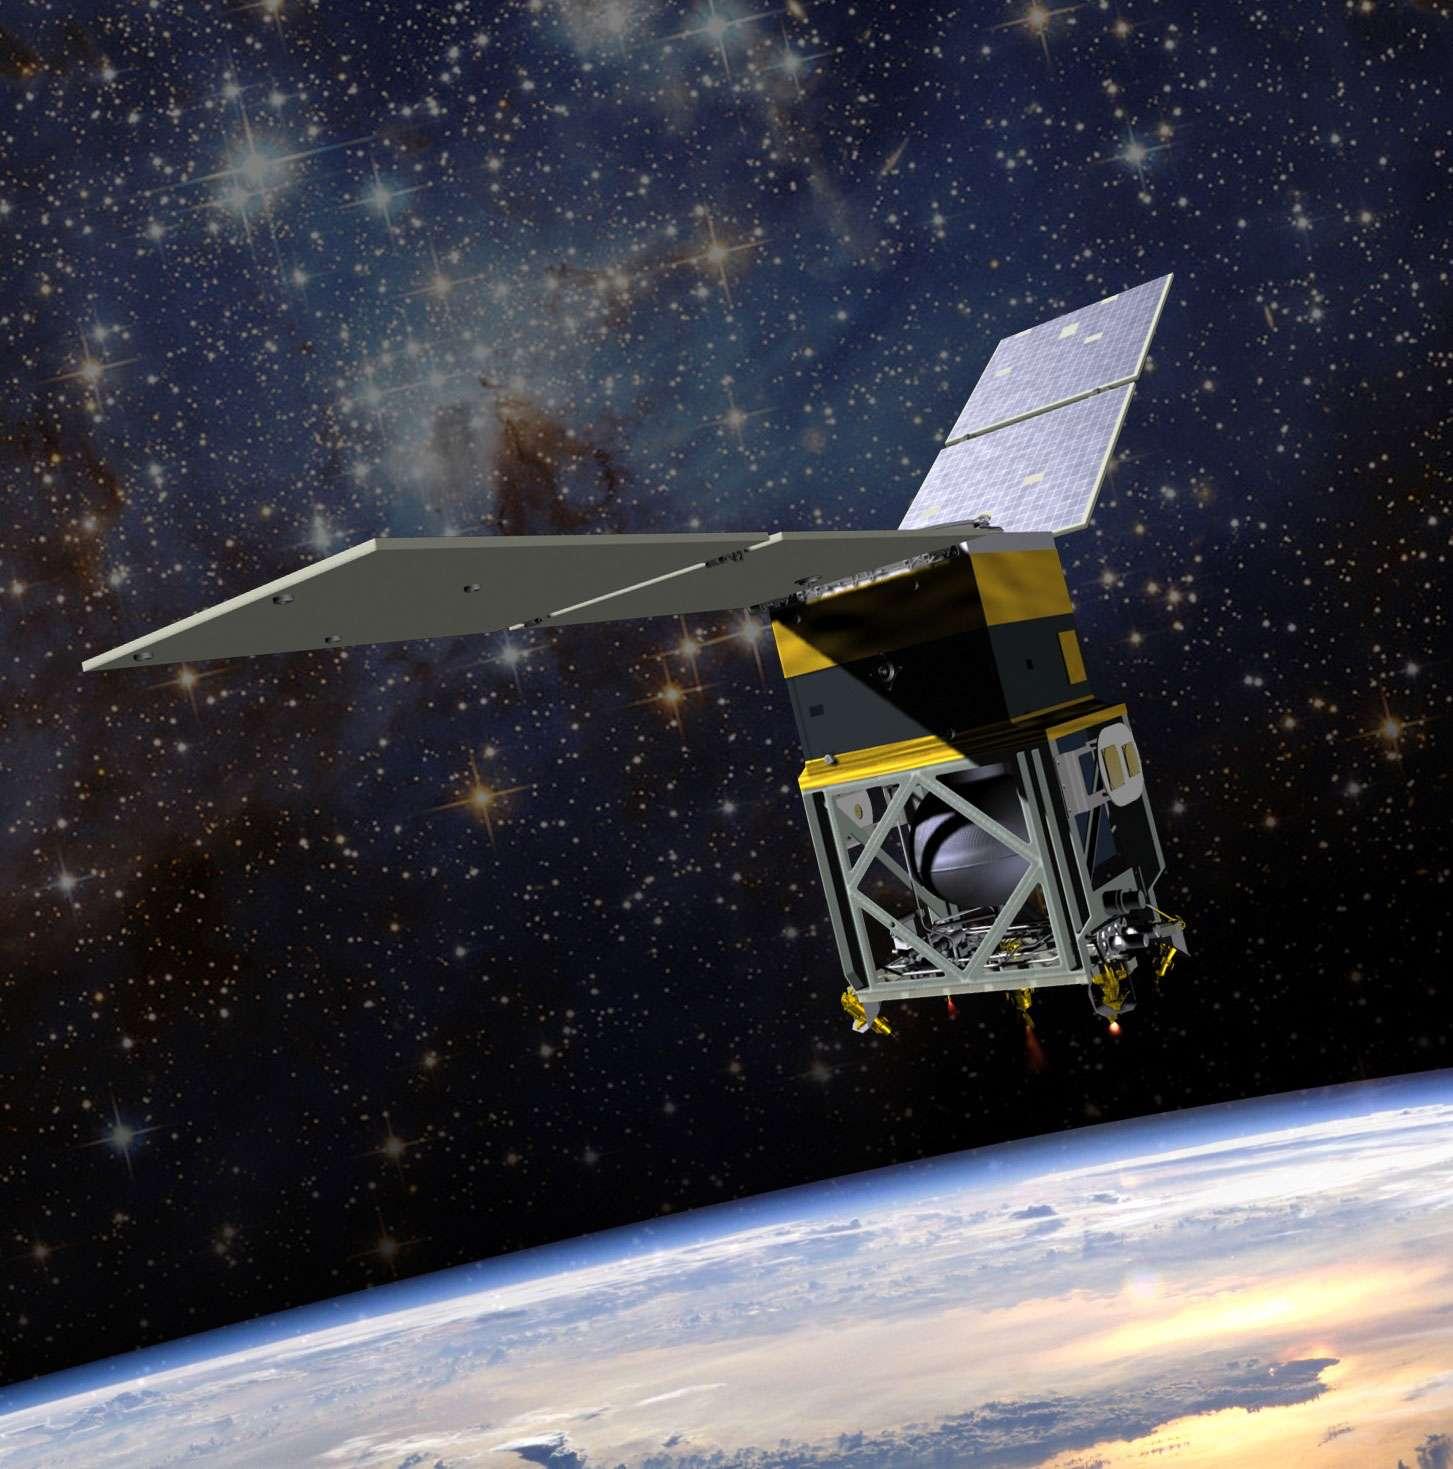 Le satellite GPIM est la première tentative des États-Unis pour tester la technologie de propulsion verte pour l'avenir de l'exploration spatiale. © Nasa